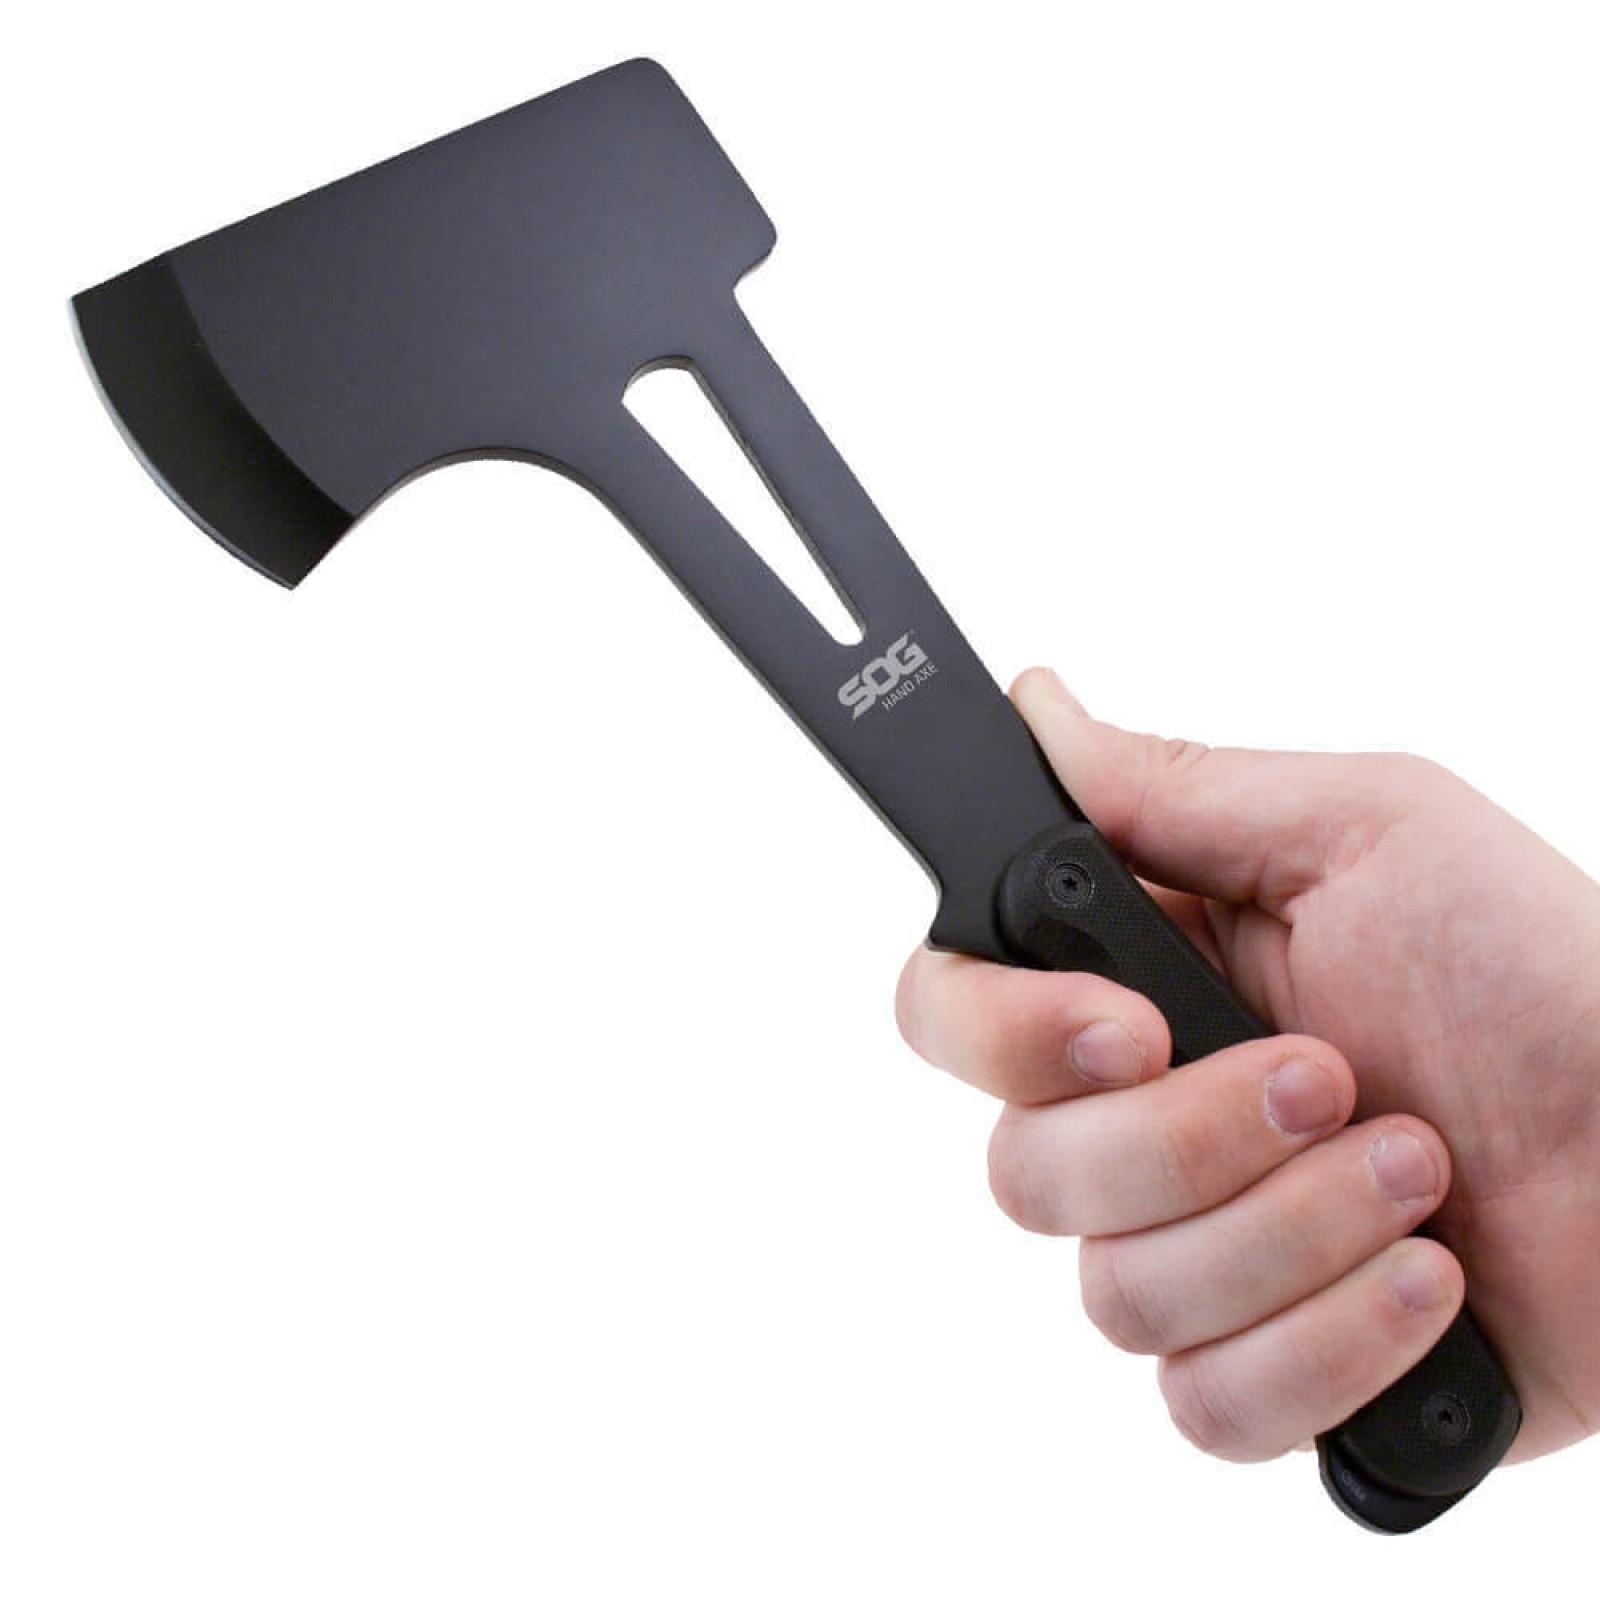 Фото 4 - Топор туристический Hand Axe - SOG F09, сталь 420 Black Oxide, рукоять G10, чёрный